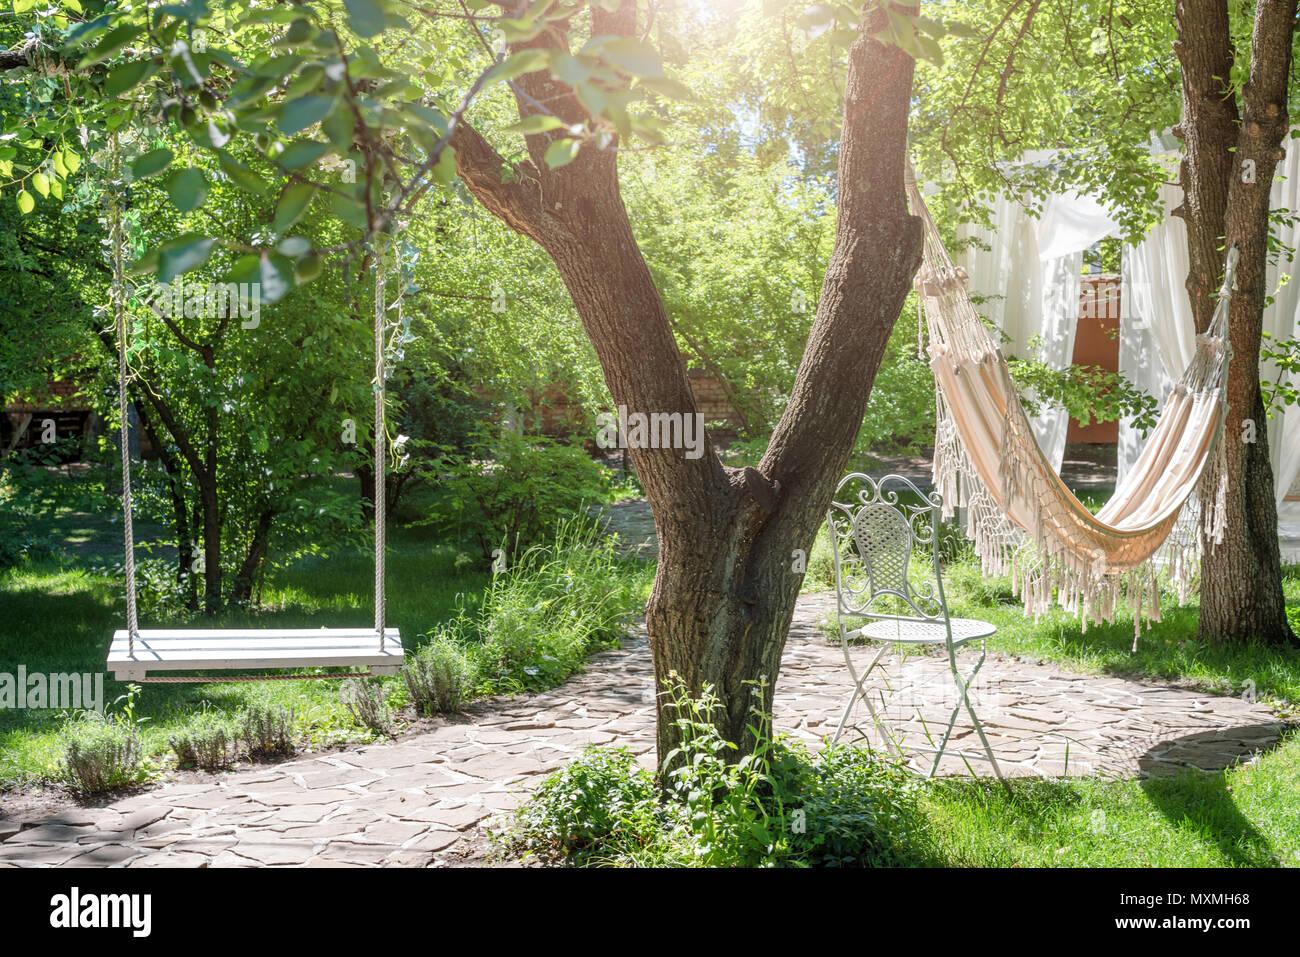 balan oire en bois sur corde et hamac sous le grand arbre du jardin banque d 39 images photo stock. Black Bedroom Furniture Sets. Home Design Ideas